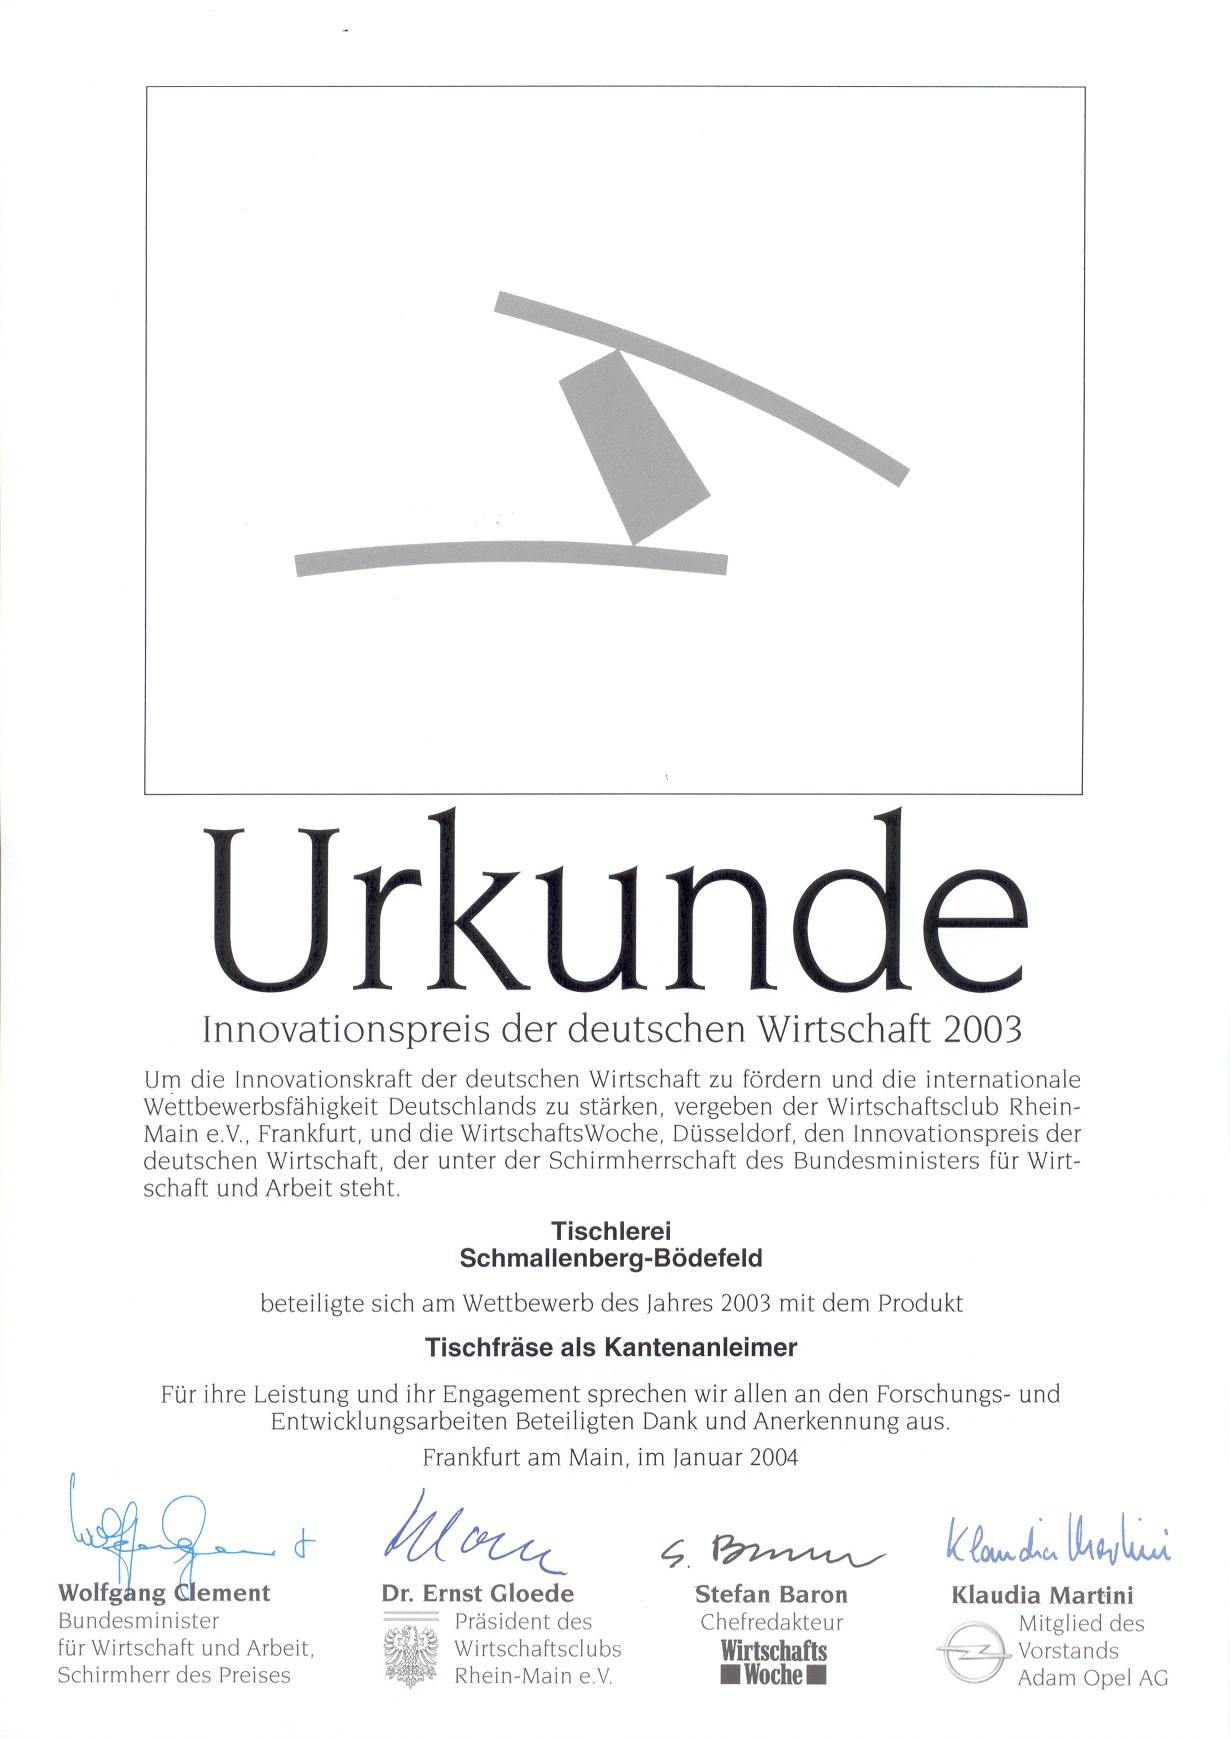 20040101_Innovationspreis_der_deutschen_Wirtschaft_2003_Urkunde